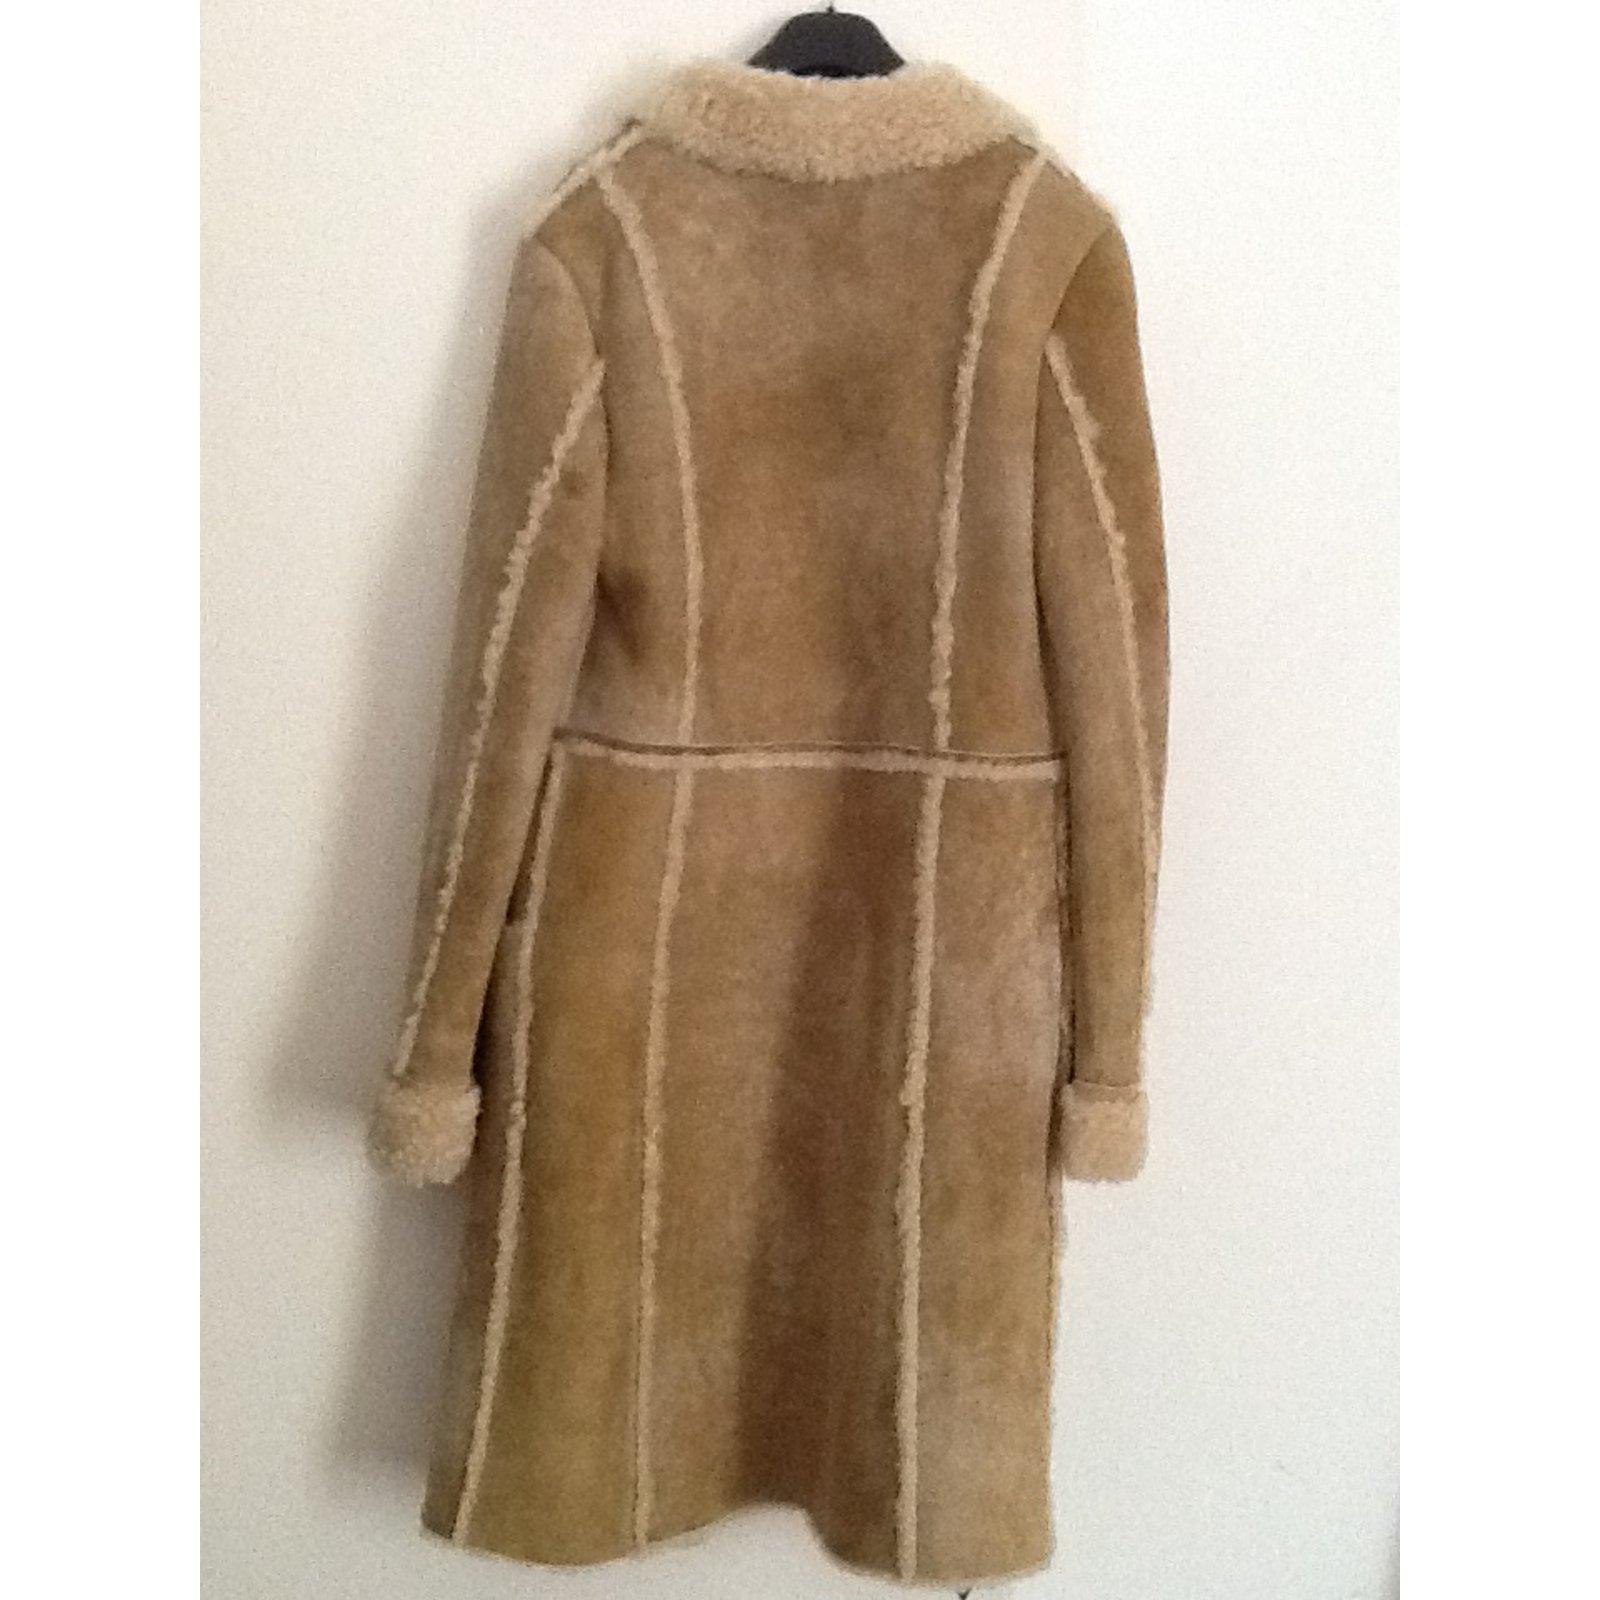 manteaux cerruti 1881 manteau en mouton retourn couleur. Black Bedroom Furniture Sets. Home Design Ideas